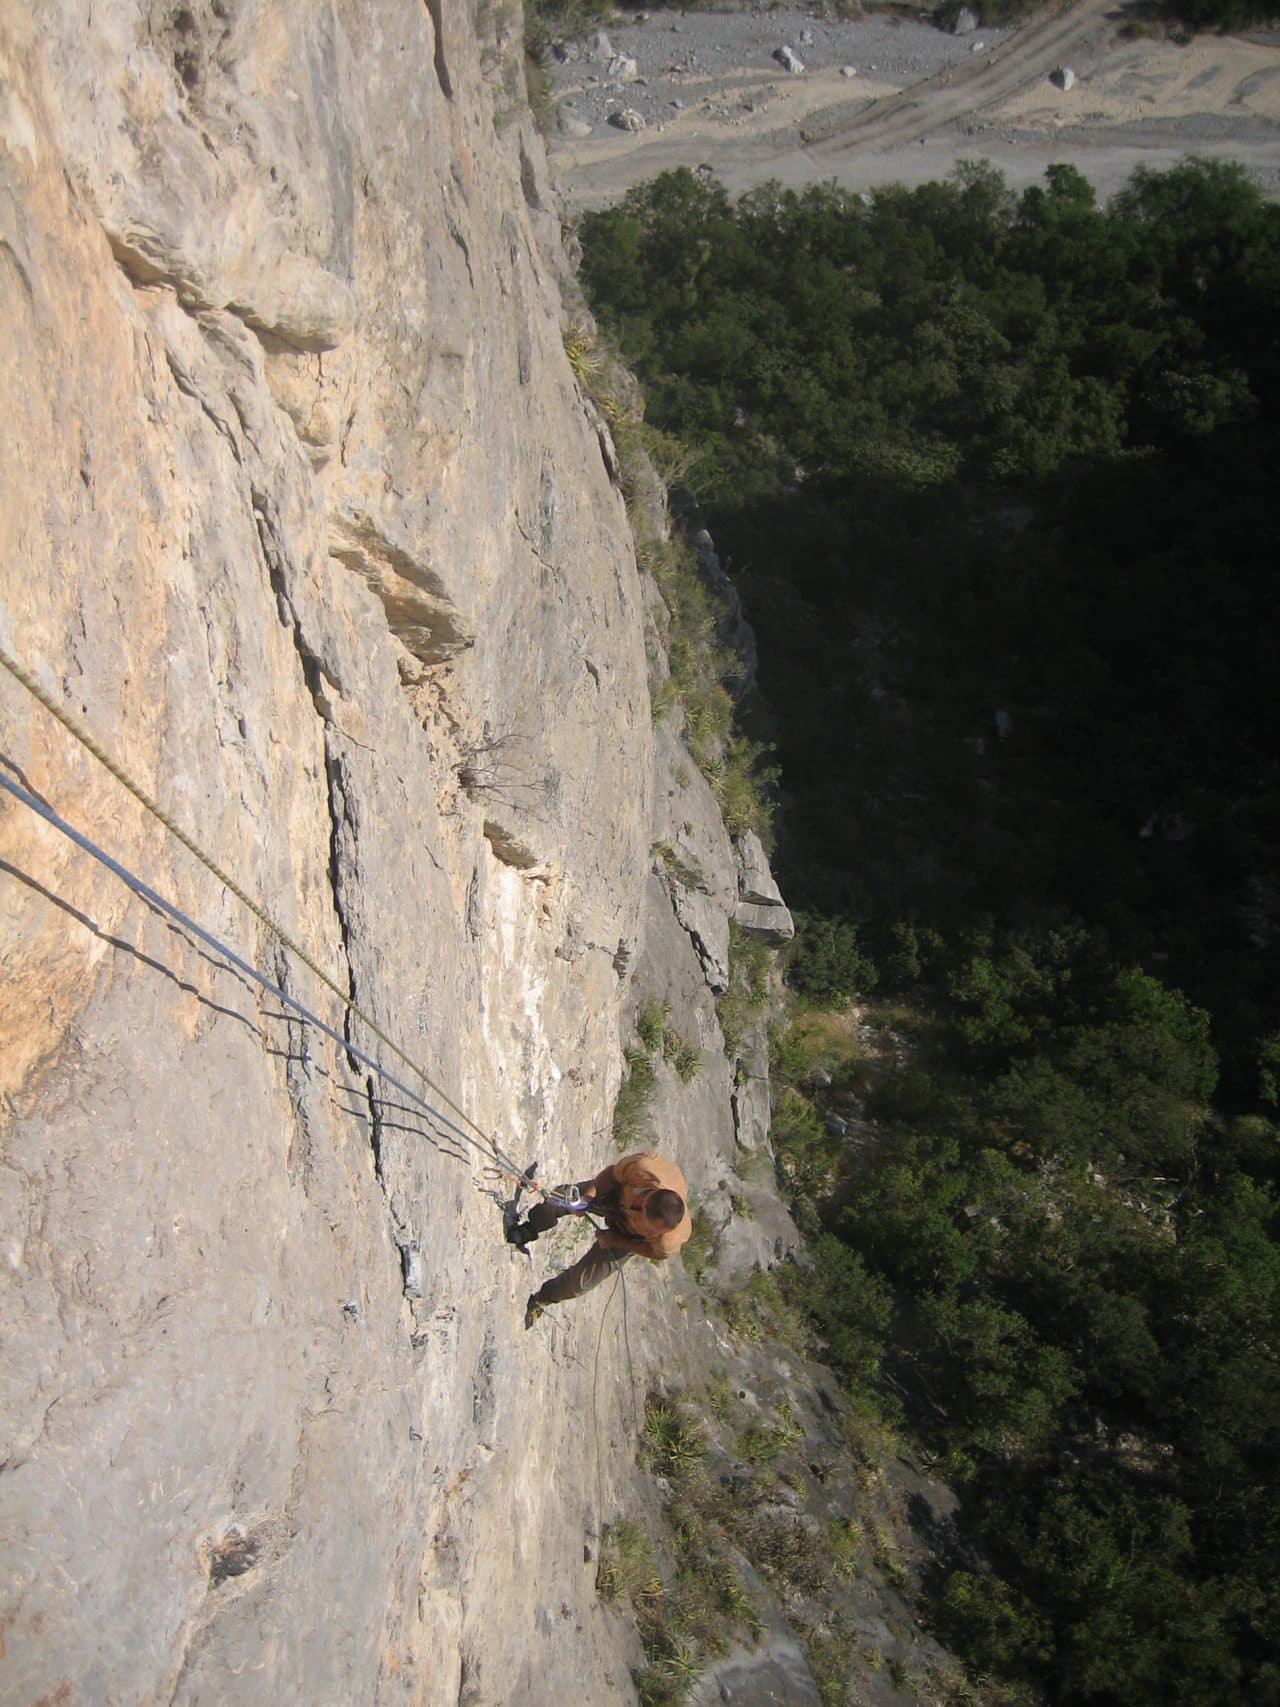 escalade-mexique-potrero-chico-sendero-del-diablo-xavier-carrard-helyum-guide-de-montagne-roc-trip-